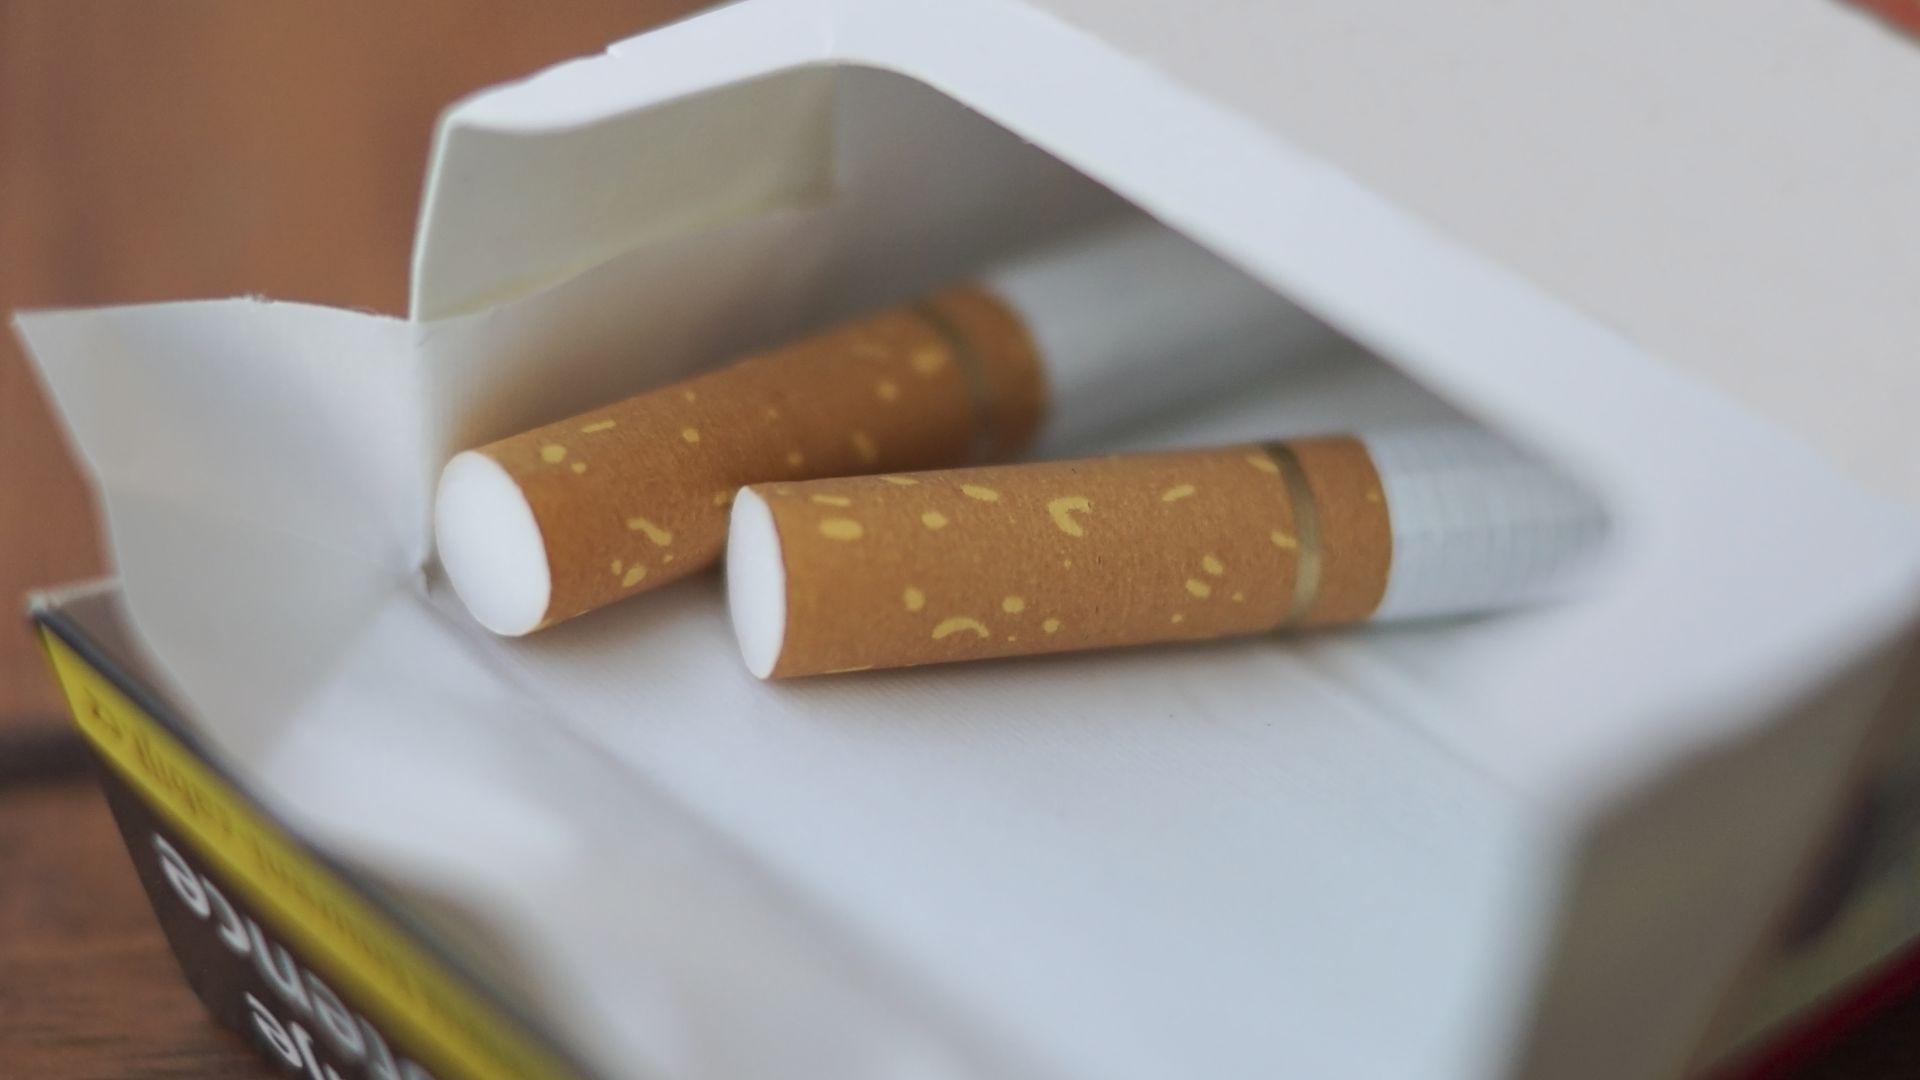 Делът на контрабандните цигари се е свил до 2,3 на сто през миналата година